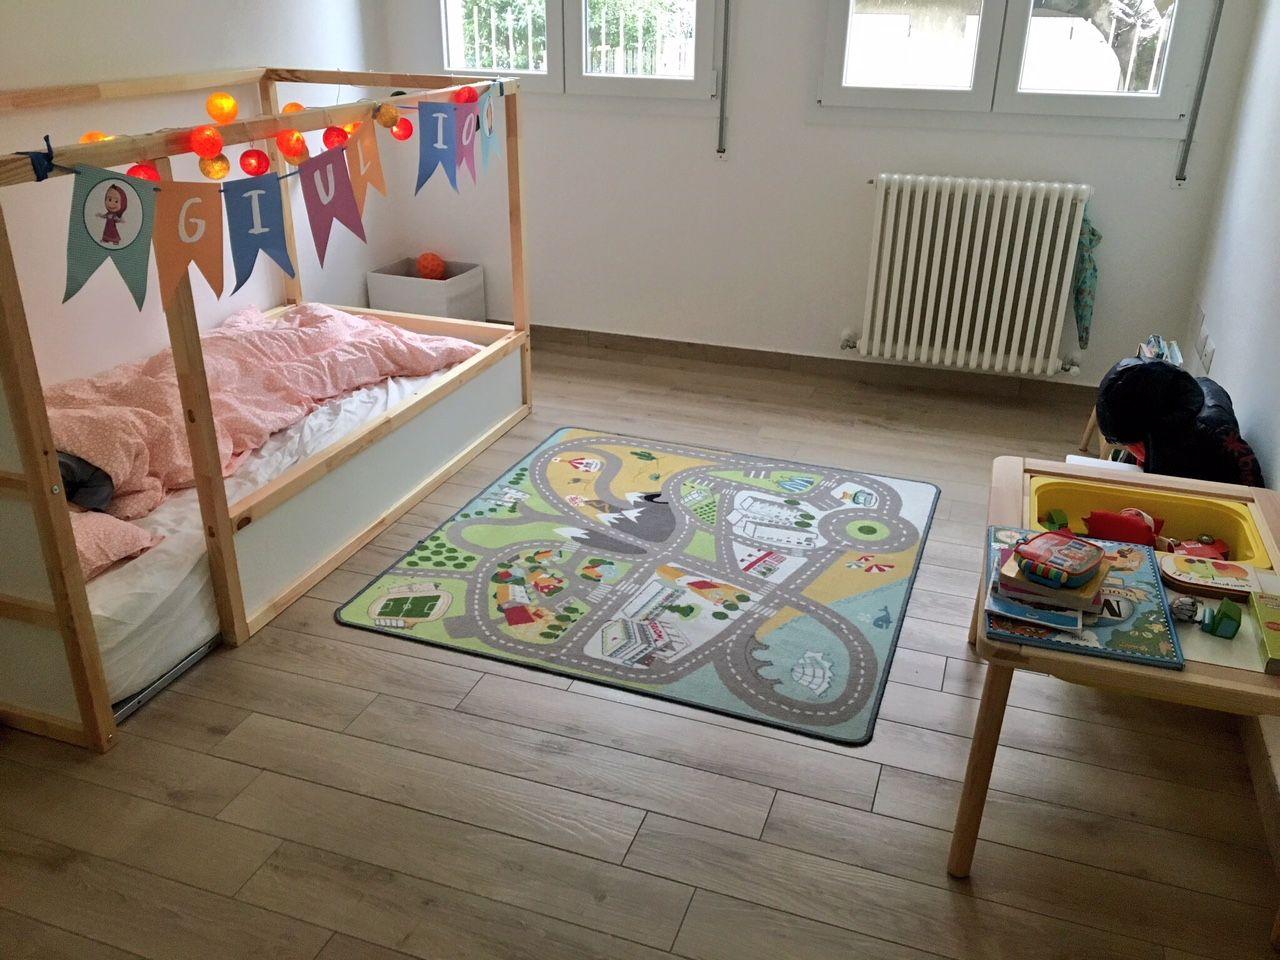 Letto Montessoriano Ikea.Letto Montessoriano Per Bambini Come Crearlo Con Ikea A